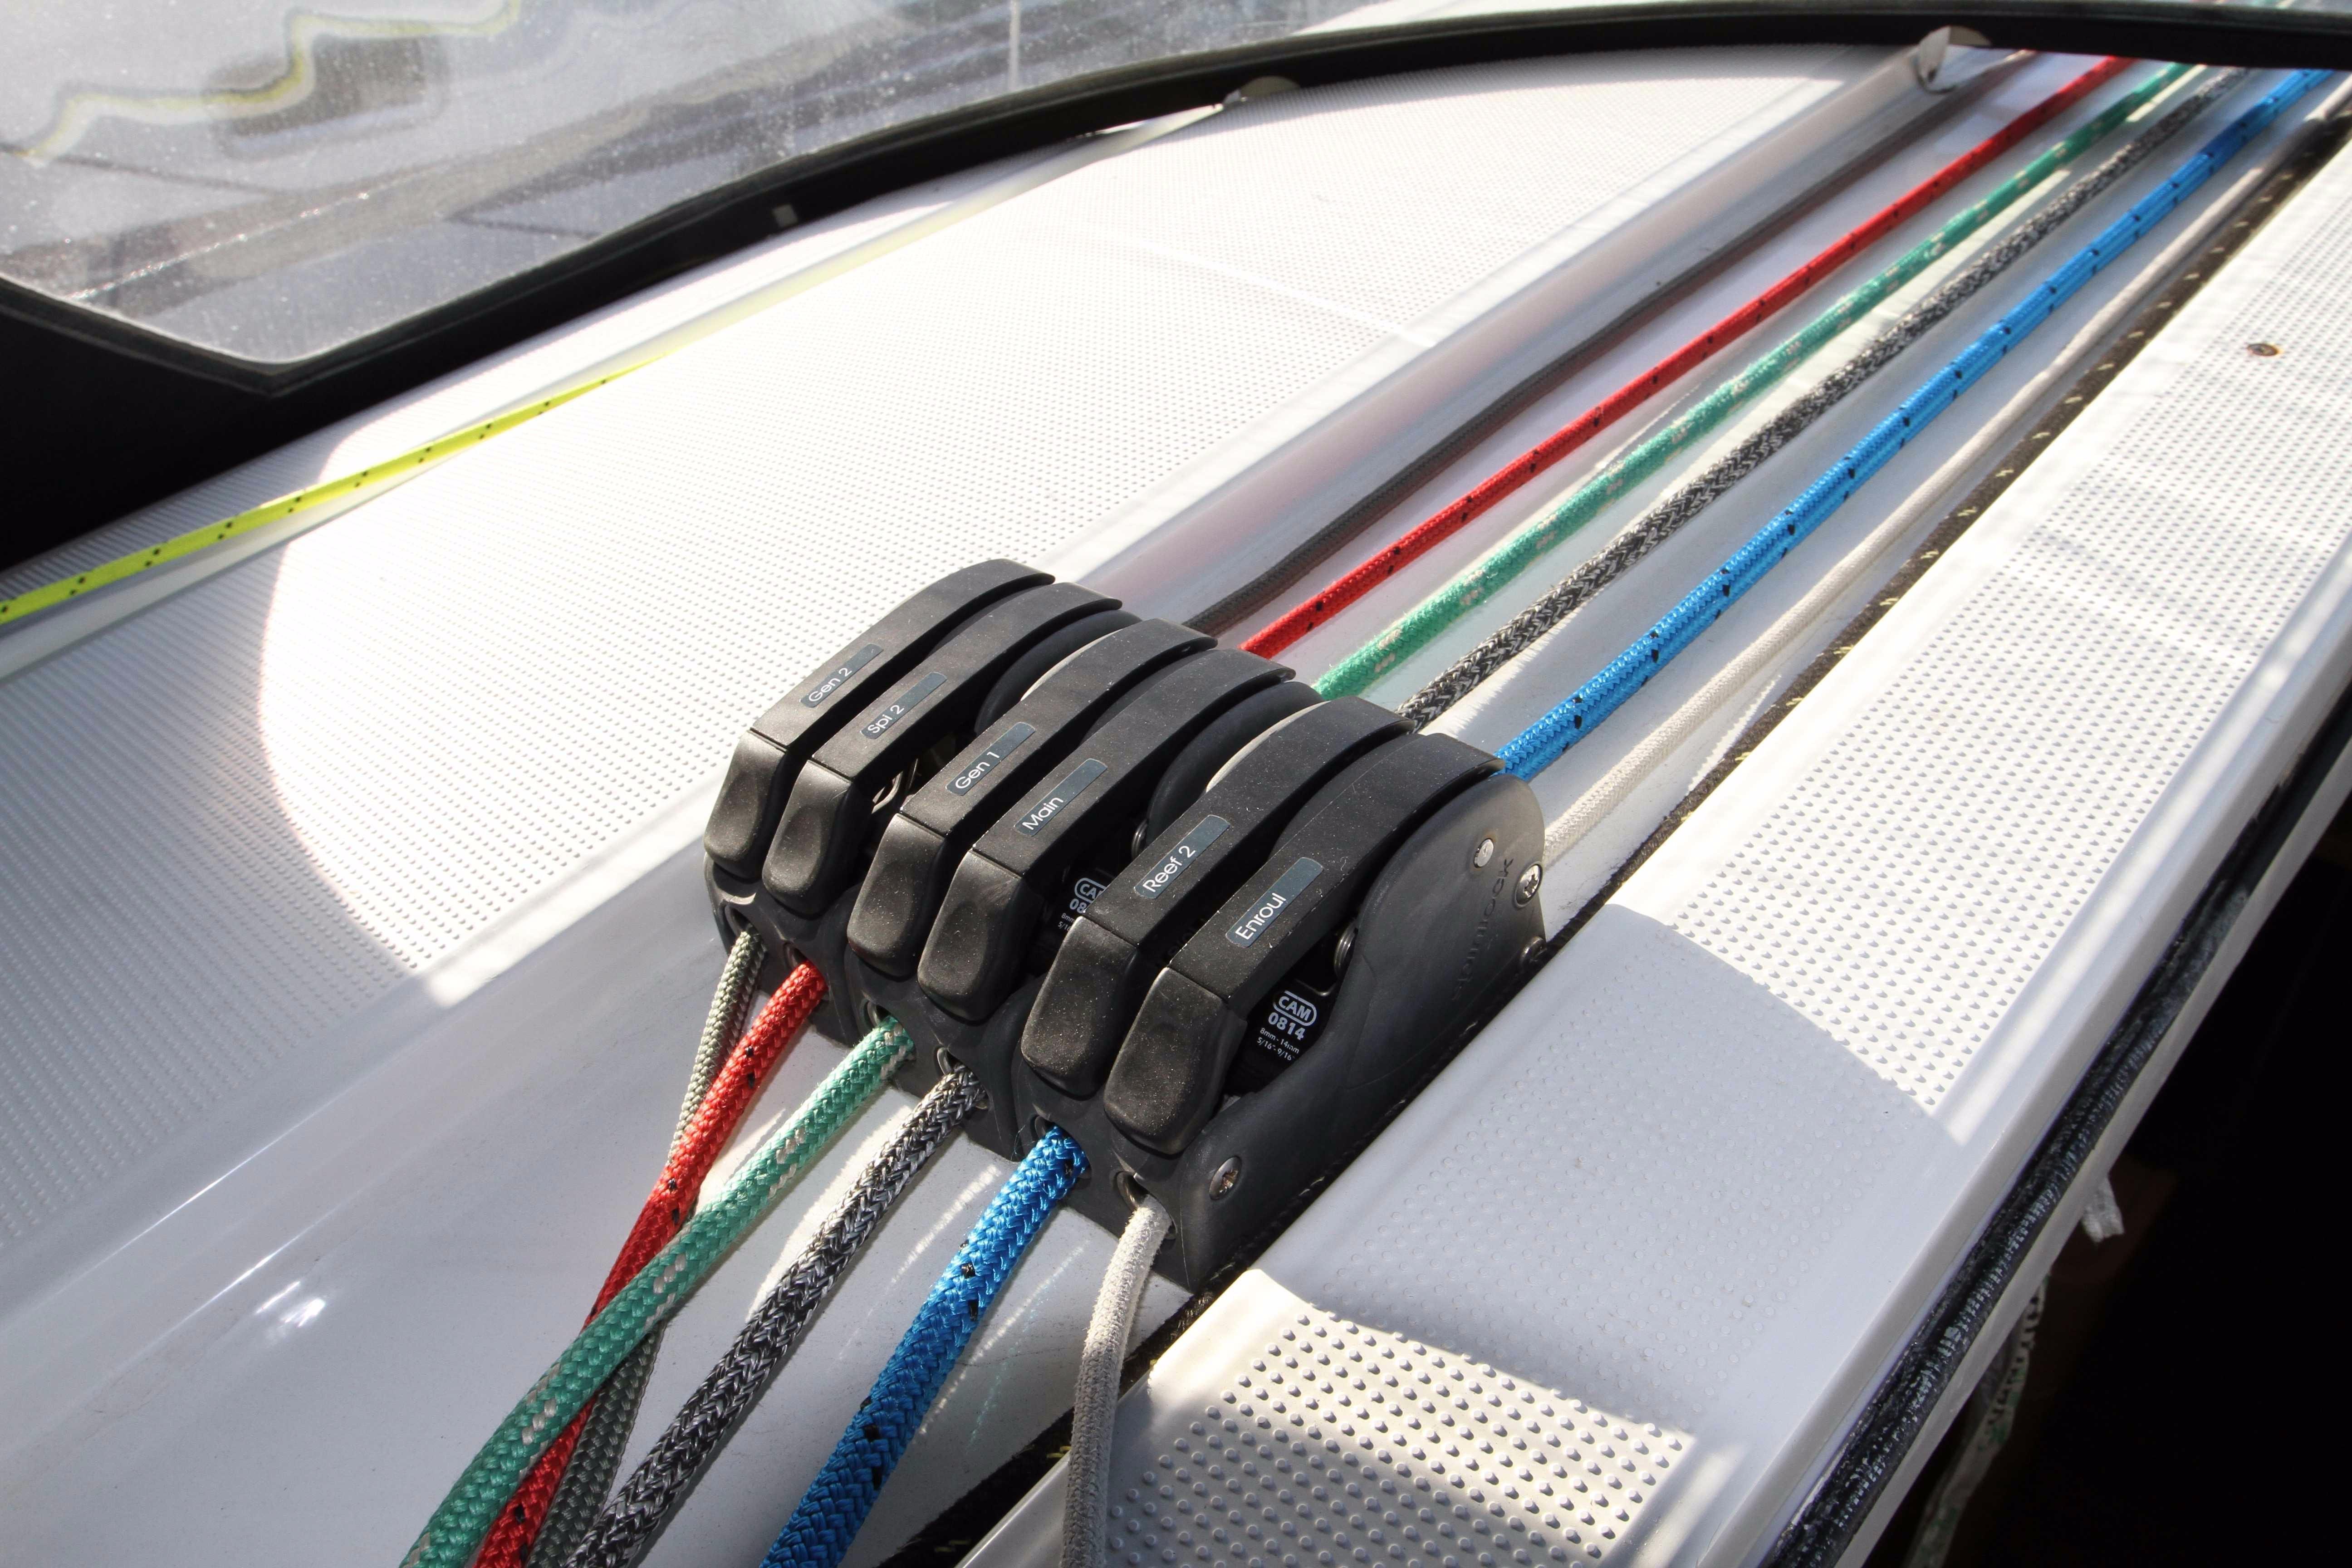 medium resolution of  amana wiring diagrams u2022 wiring 6273302 20170616191020454 1 xlarge w 924